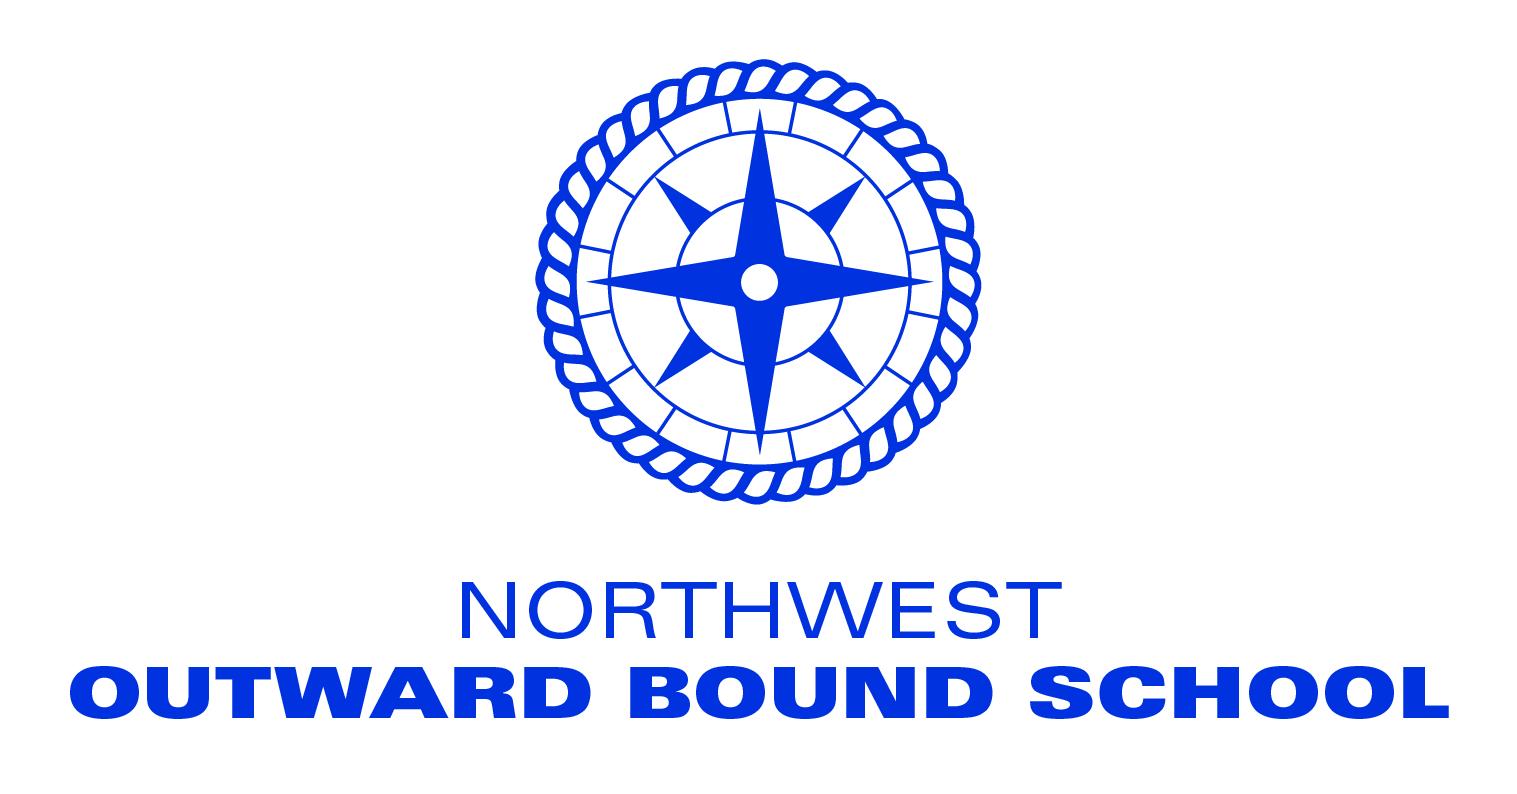 Northwest Outward Bound School